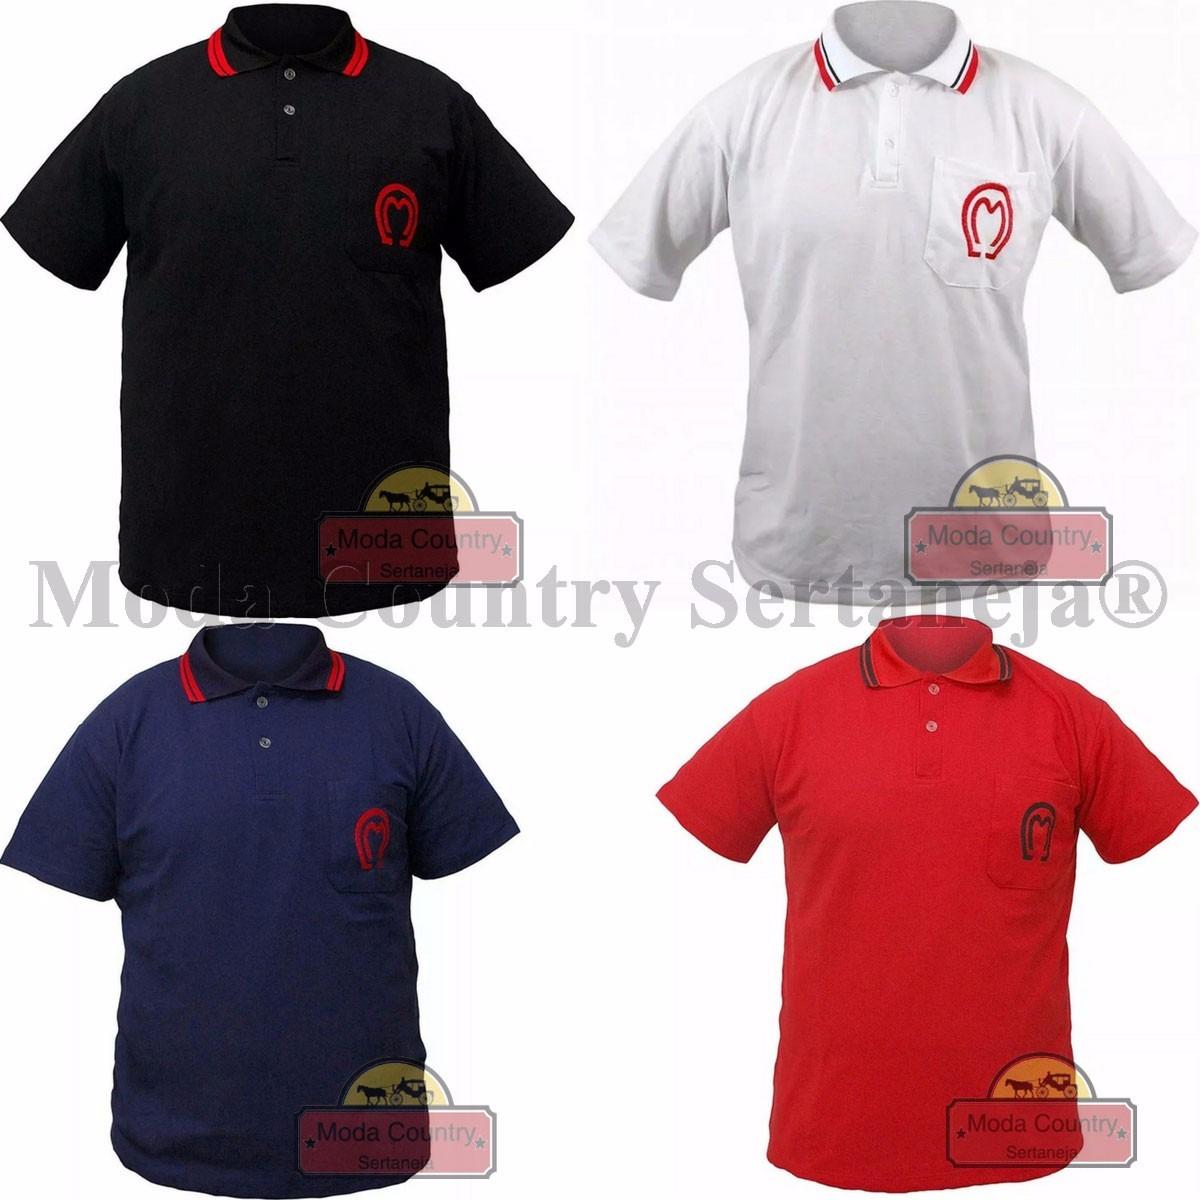 camiseta country polo mangalarga marchador oferta + brinde. Carregando zoom. f5a12170e22